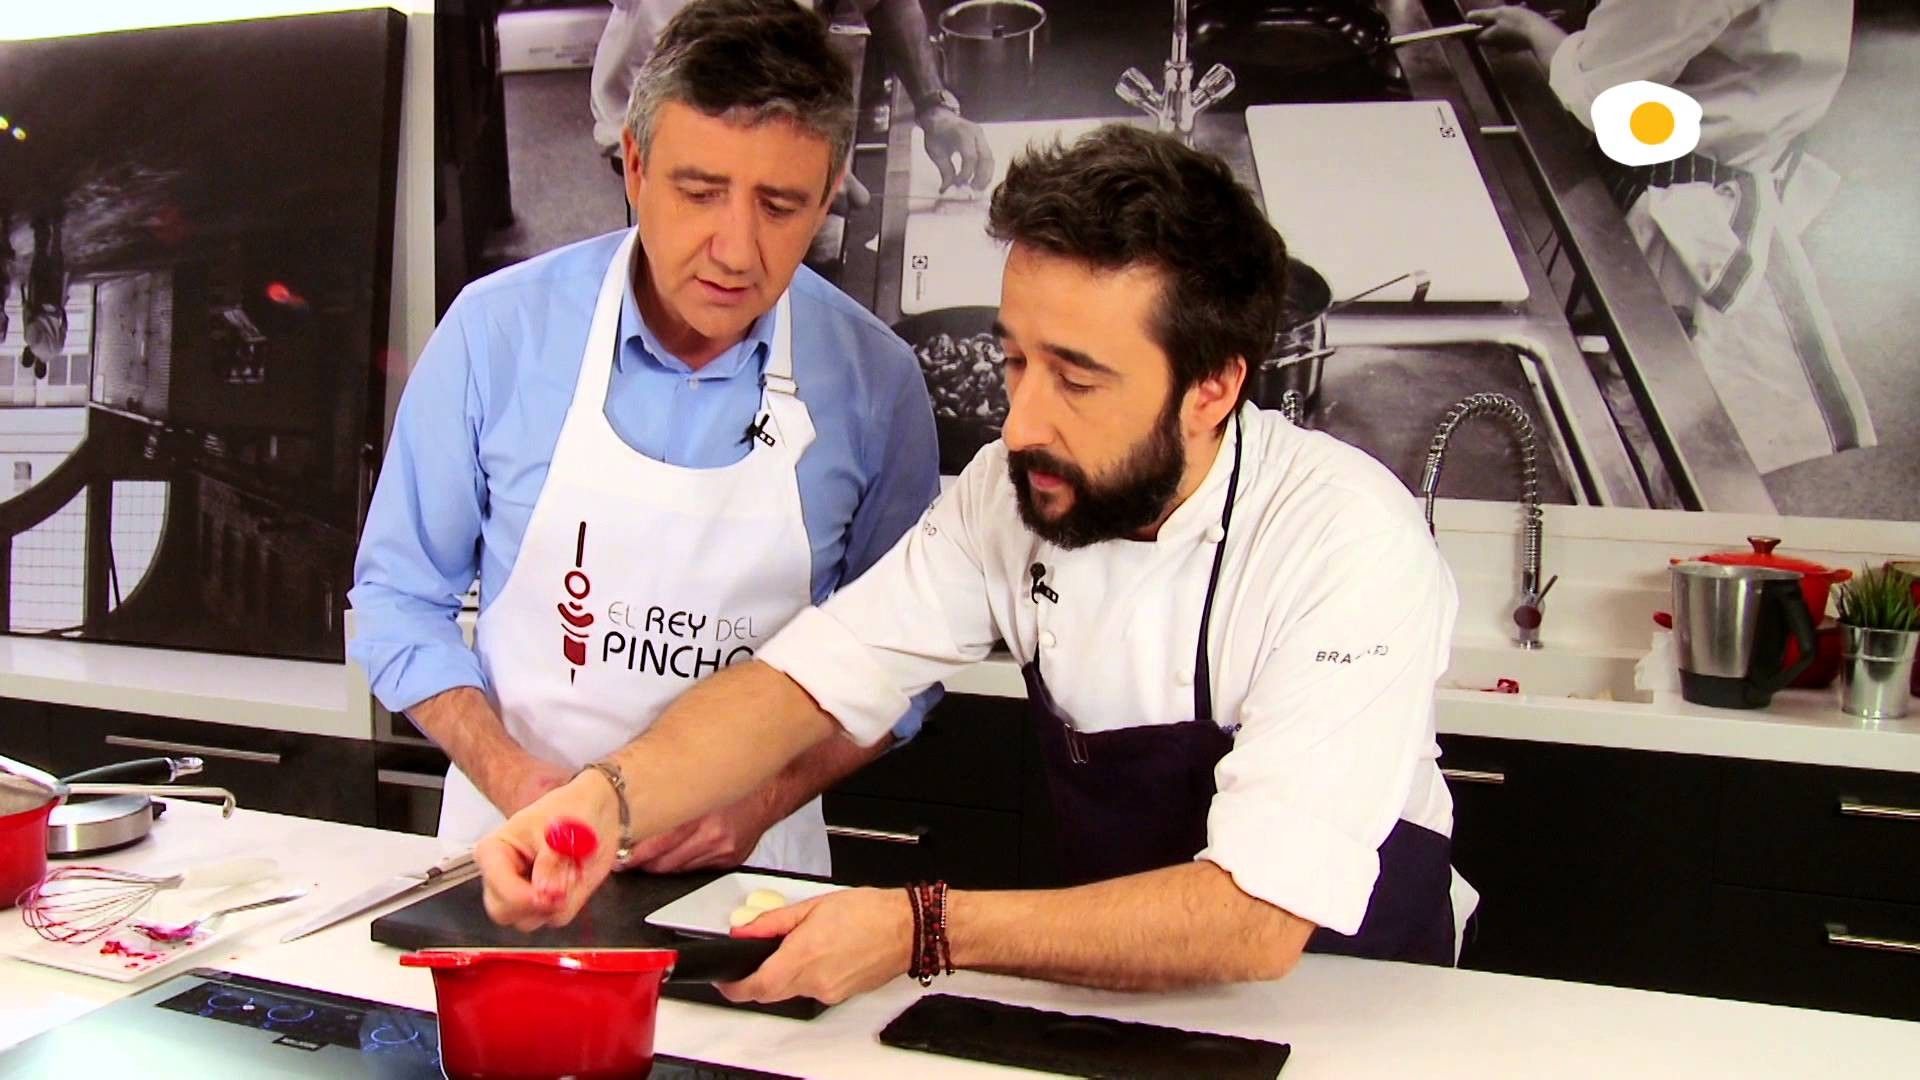 El Rey del Pincho en Canal Cocina